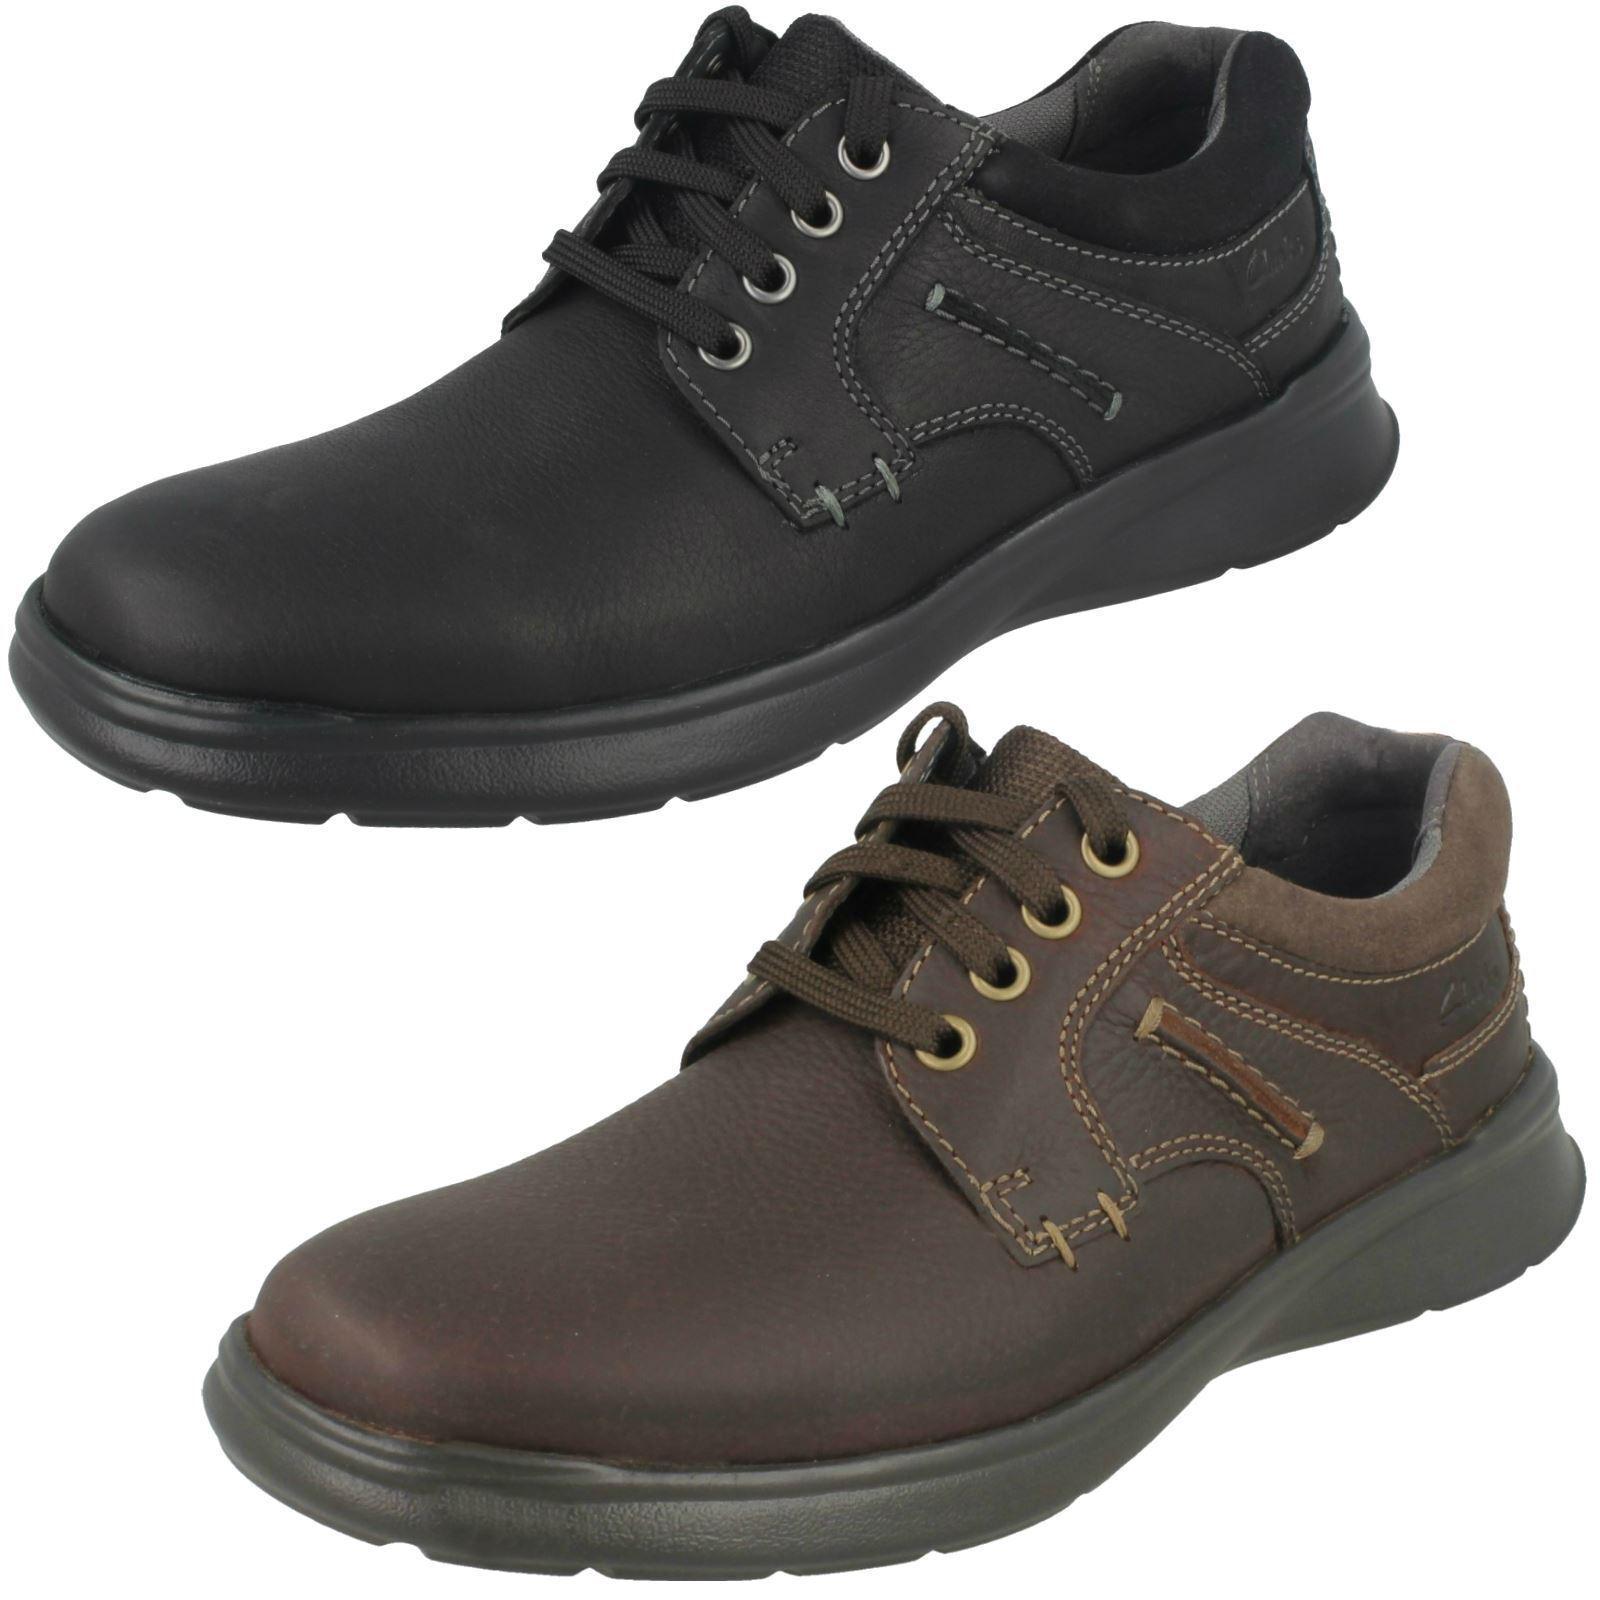 Men's Clarks Shoes - Cotrell Plain